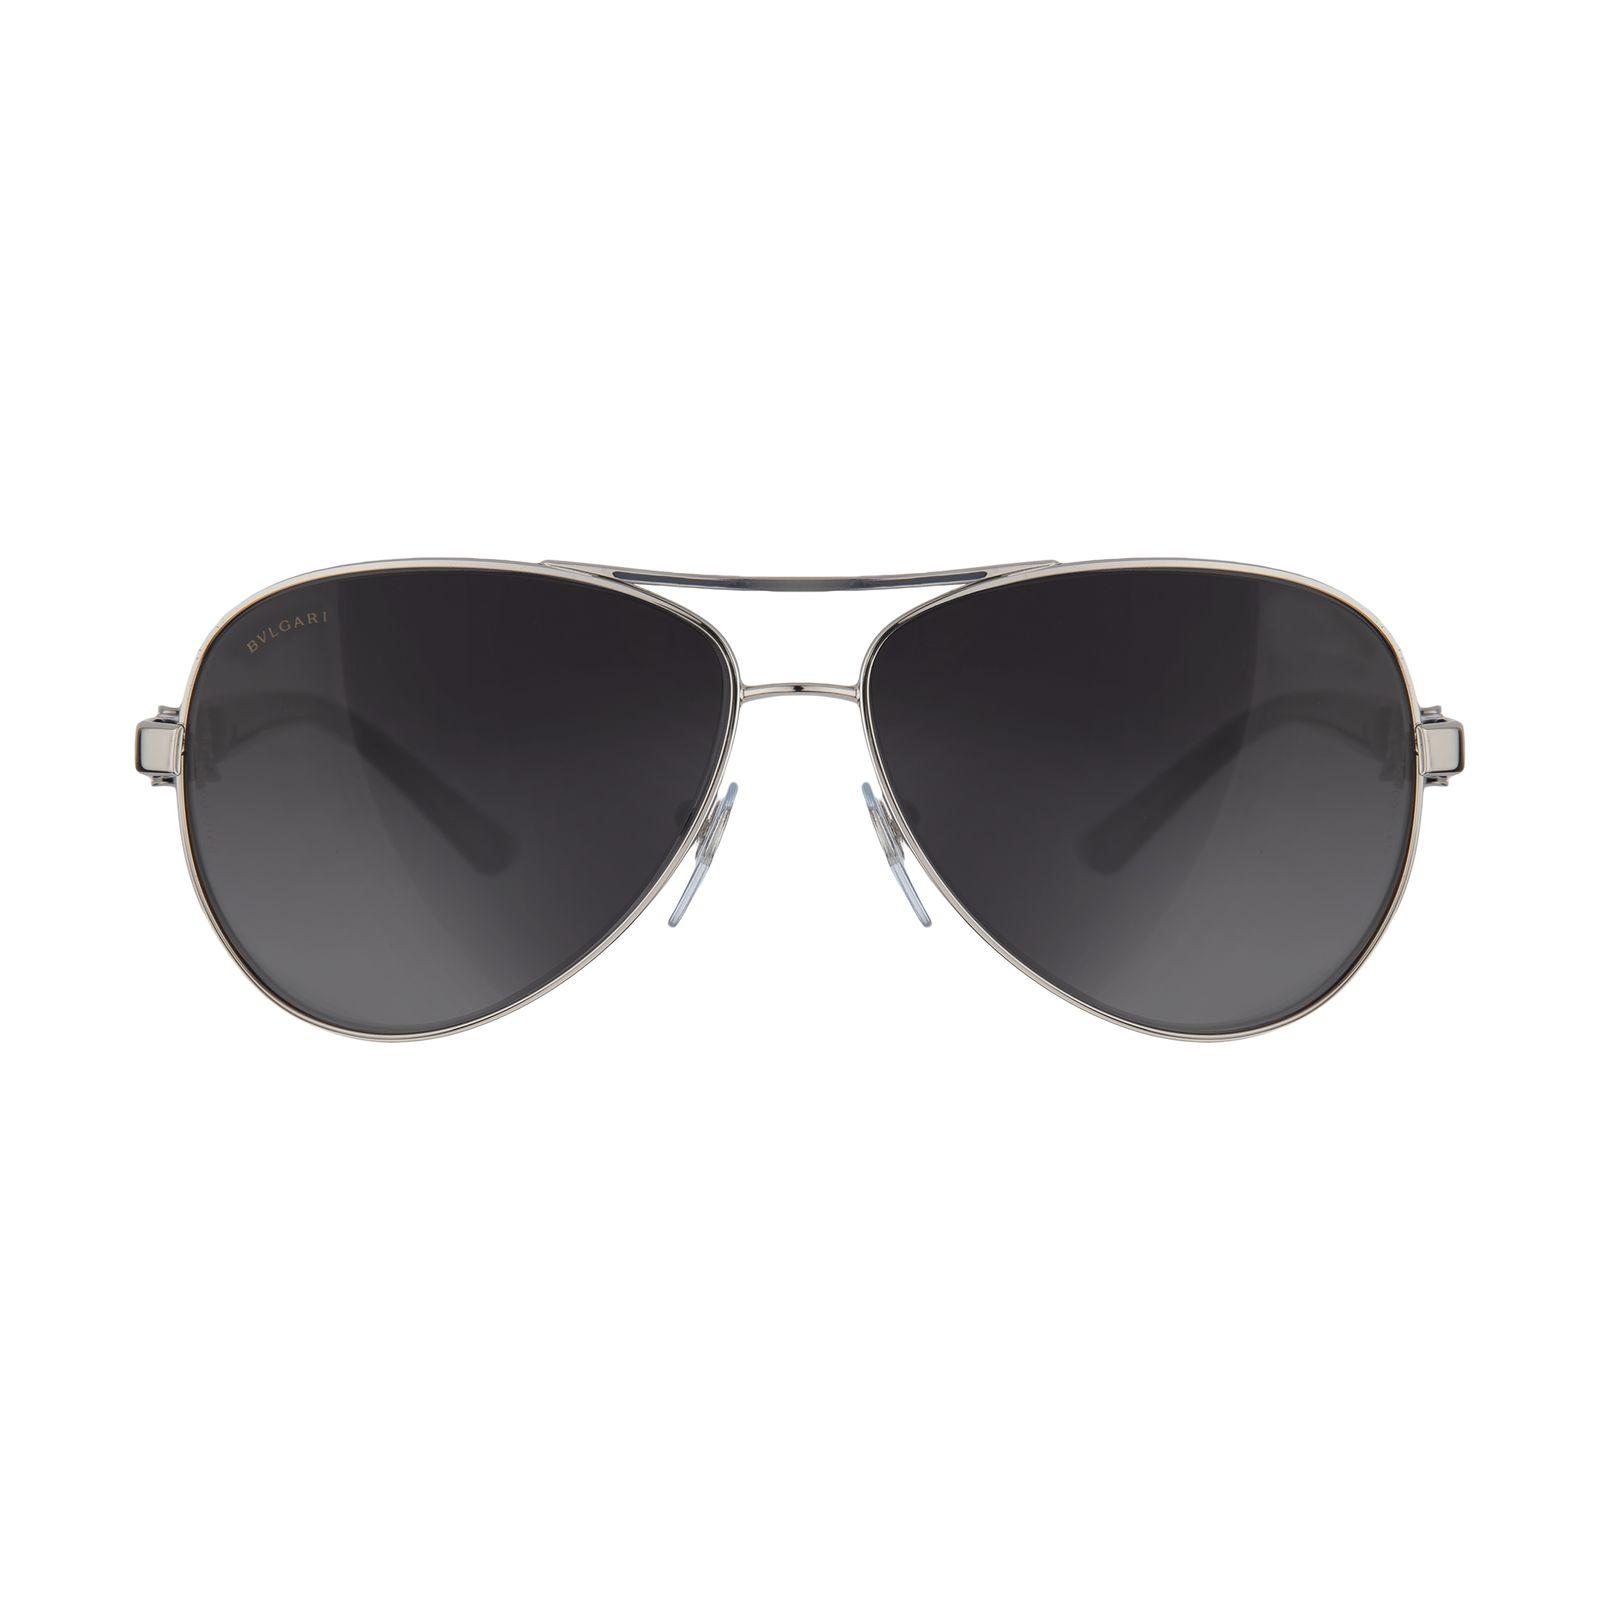 عینک آفتابی زنانه بولگاری مدل  BV6080B 0102T3 -  - 2